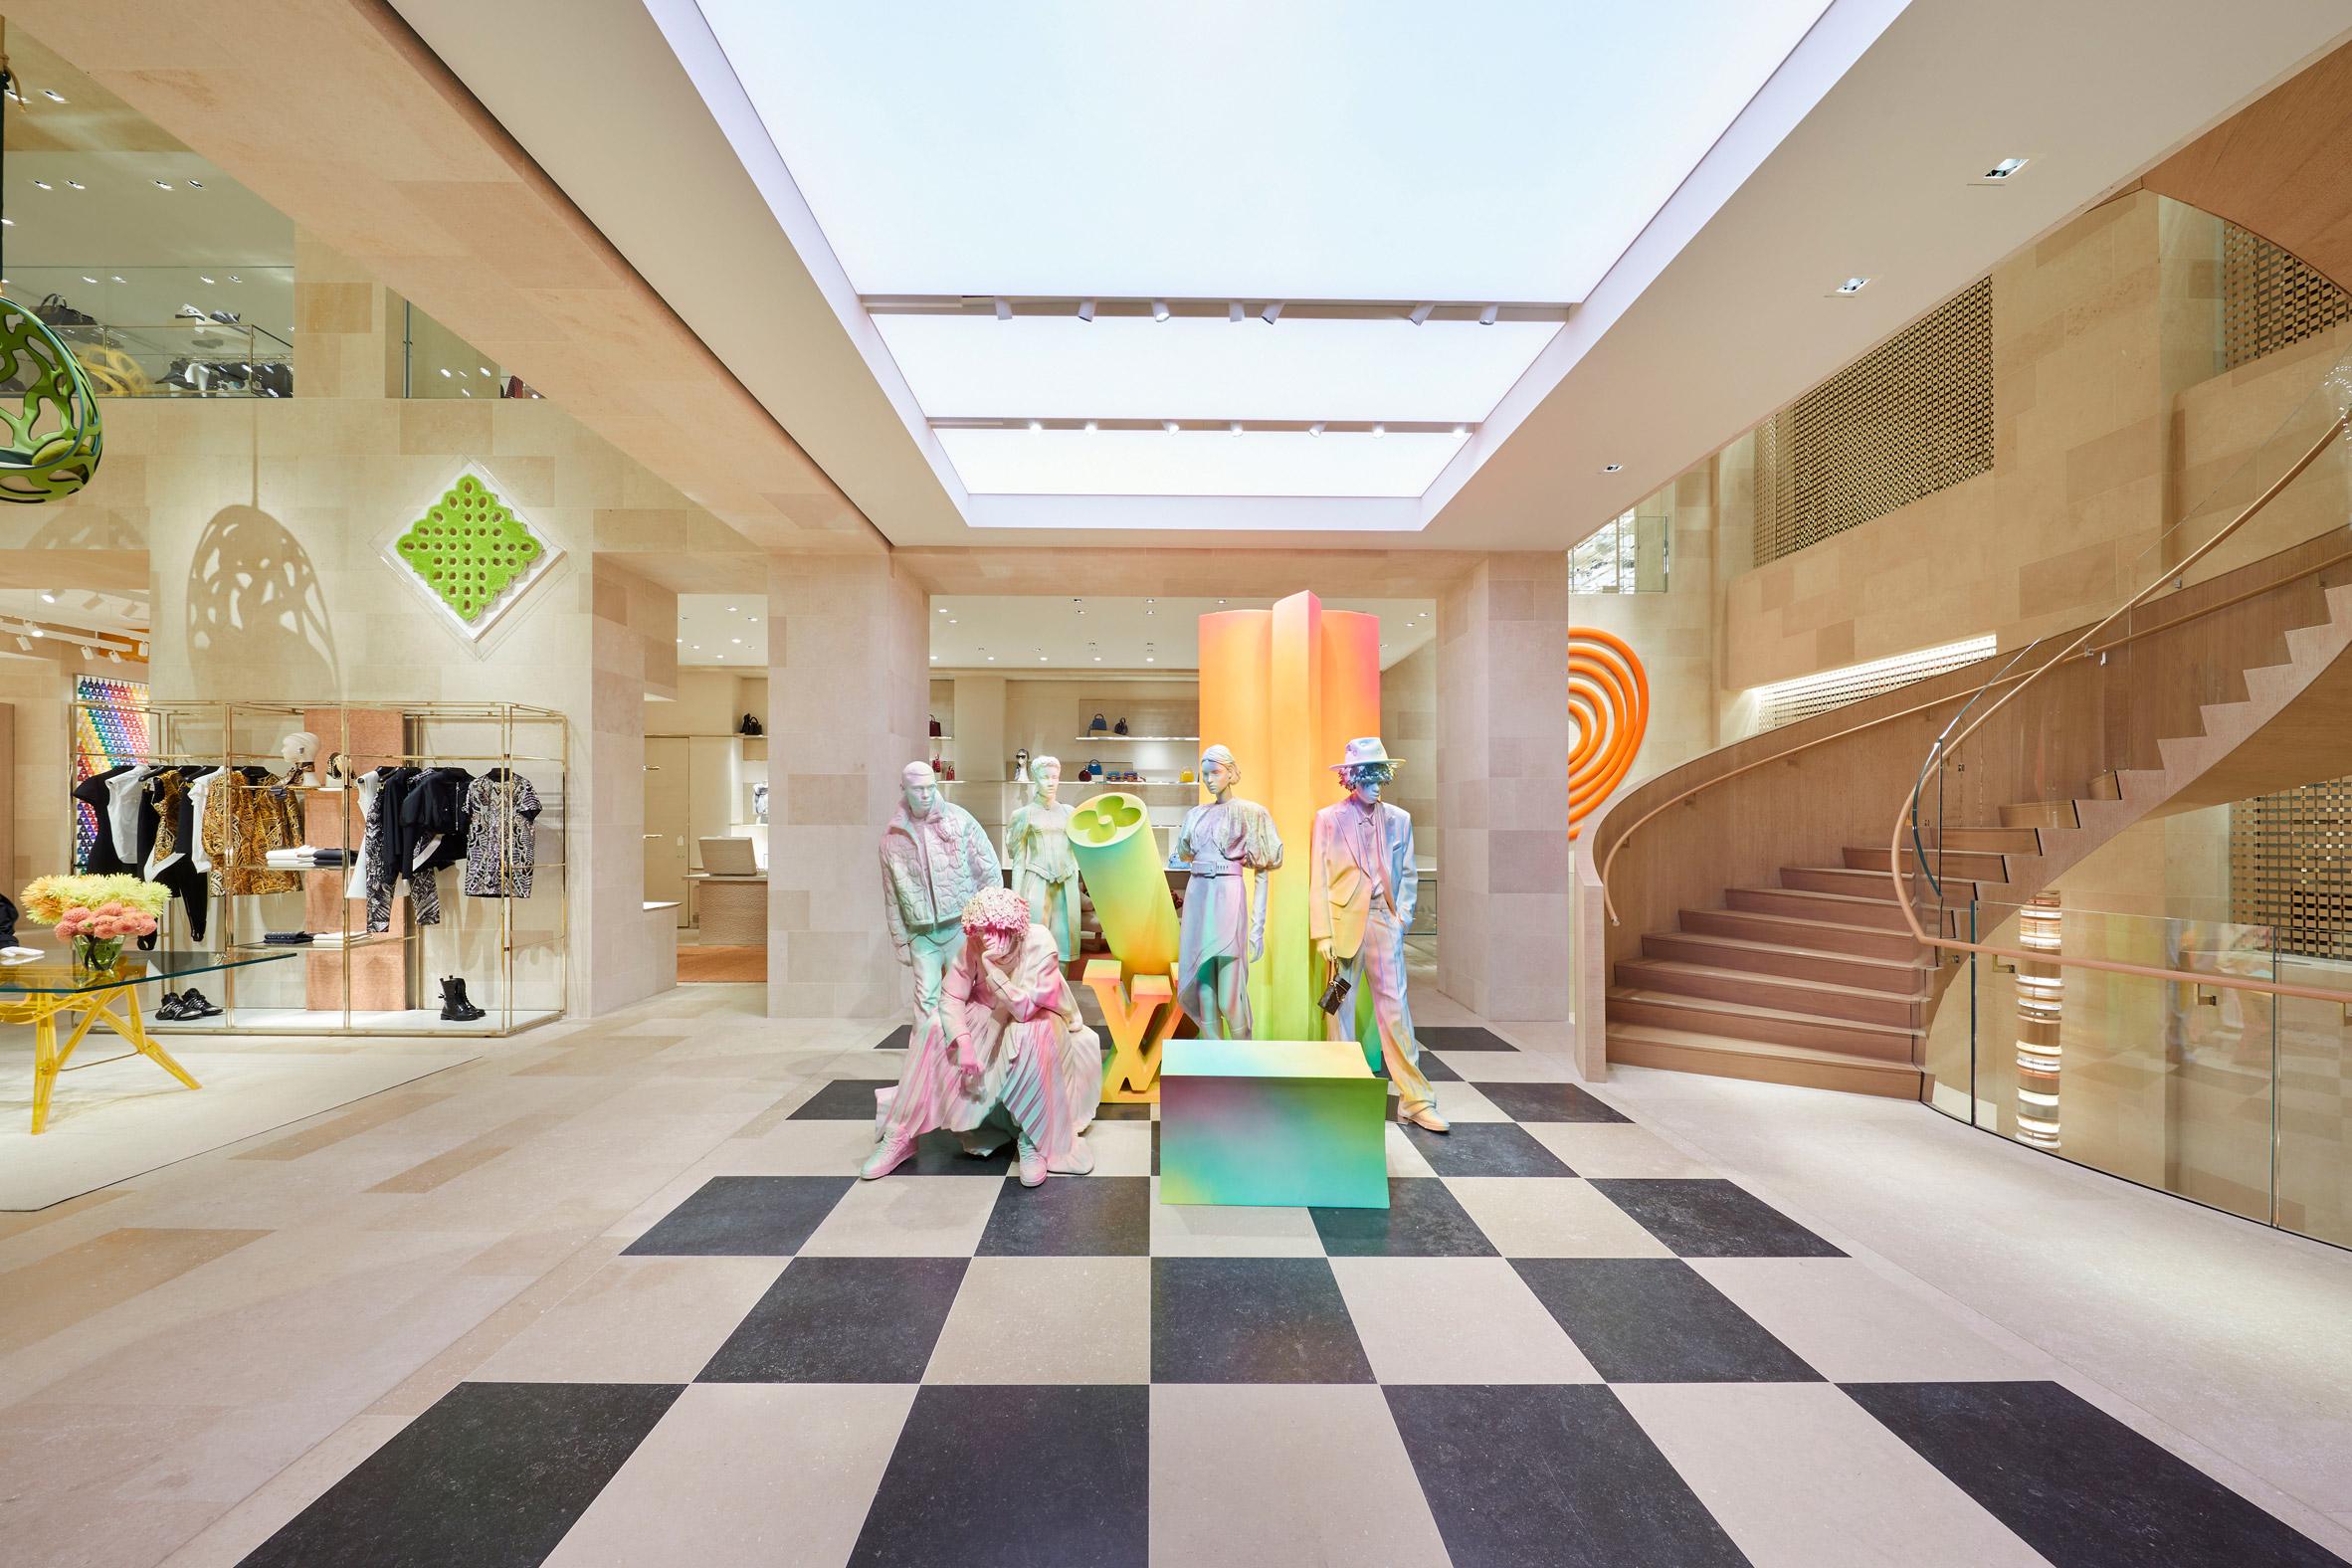 Thiết kế ánh sáng cho cửa hàng thời trang 5